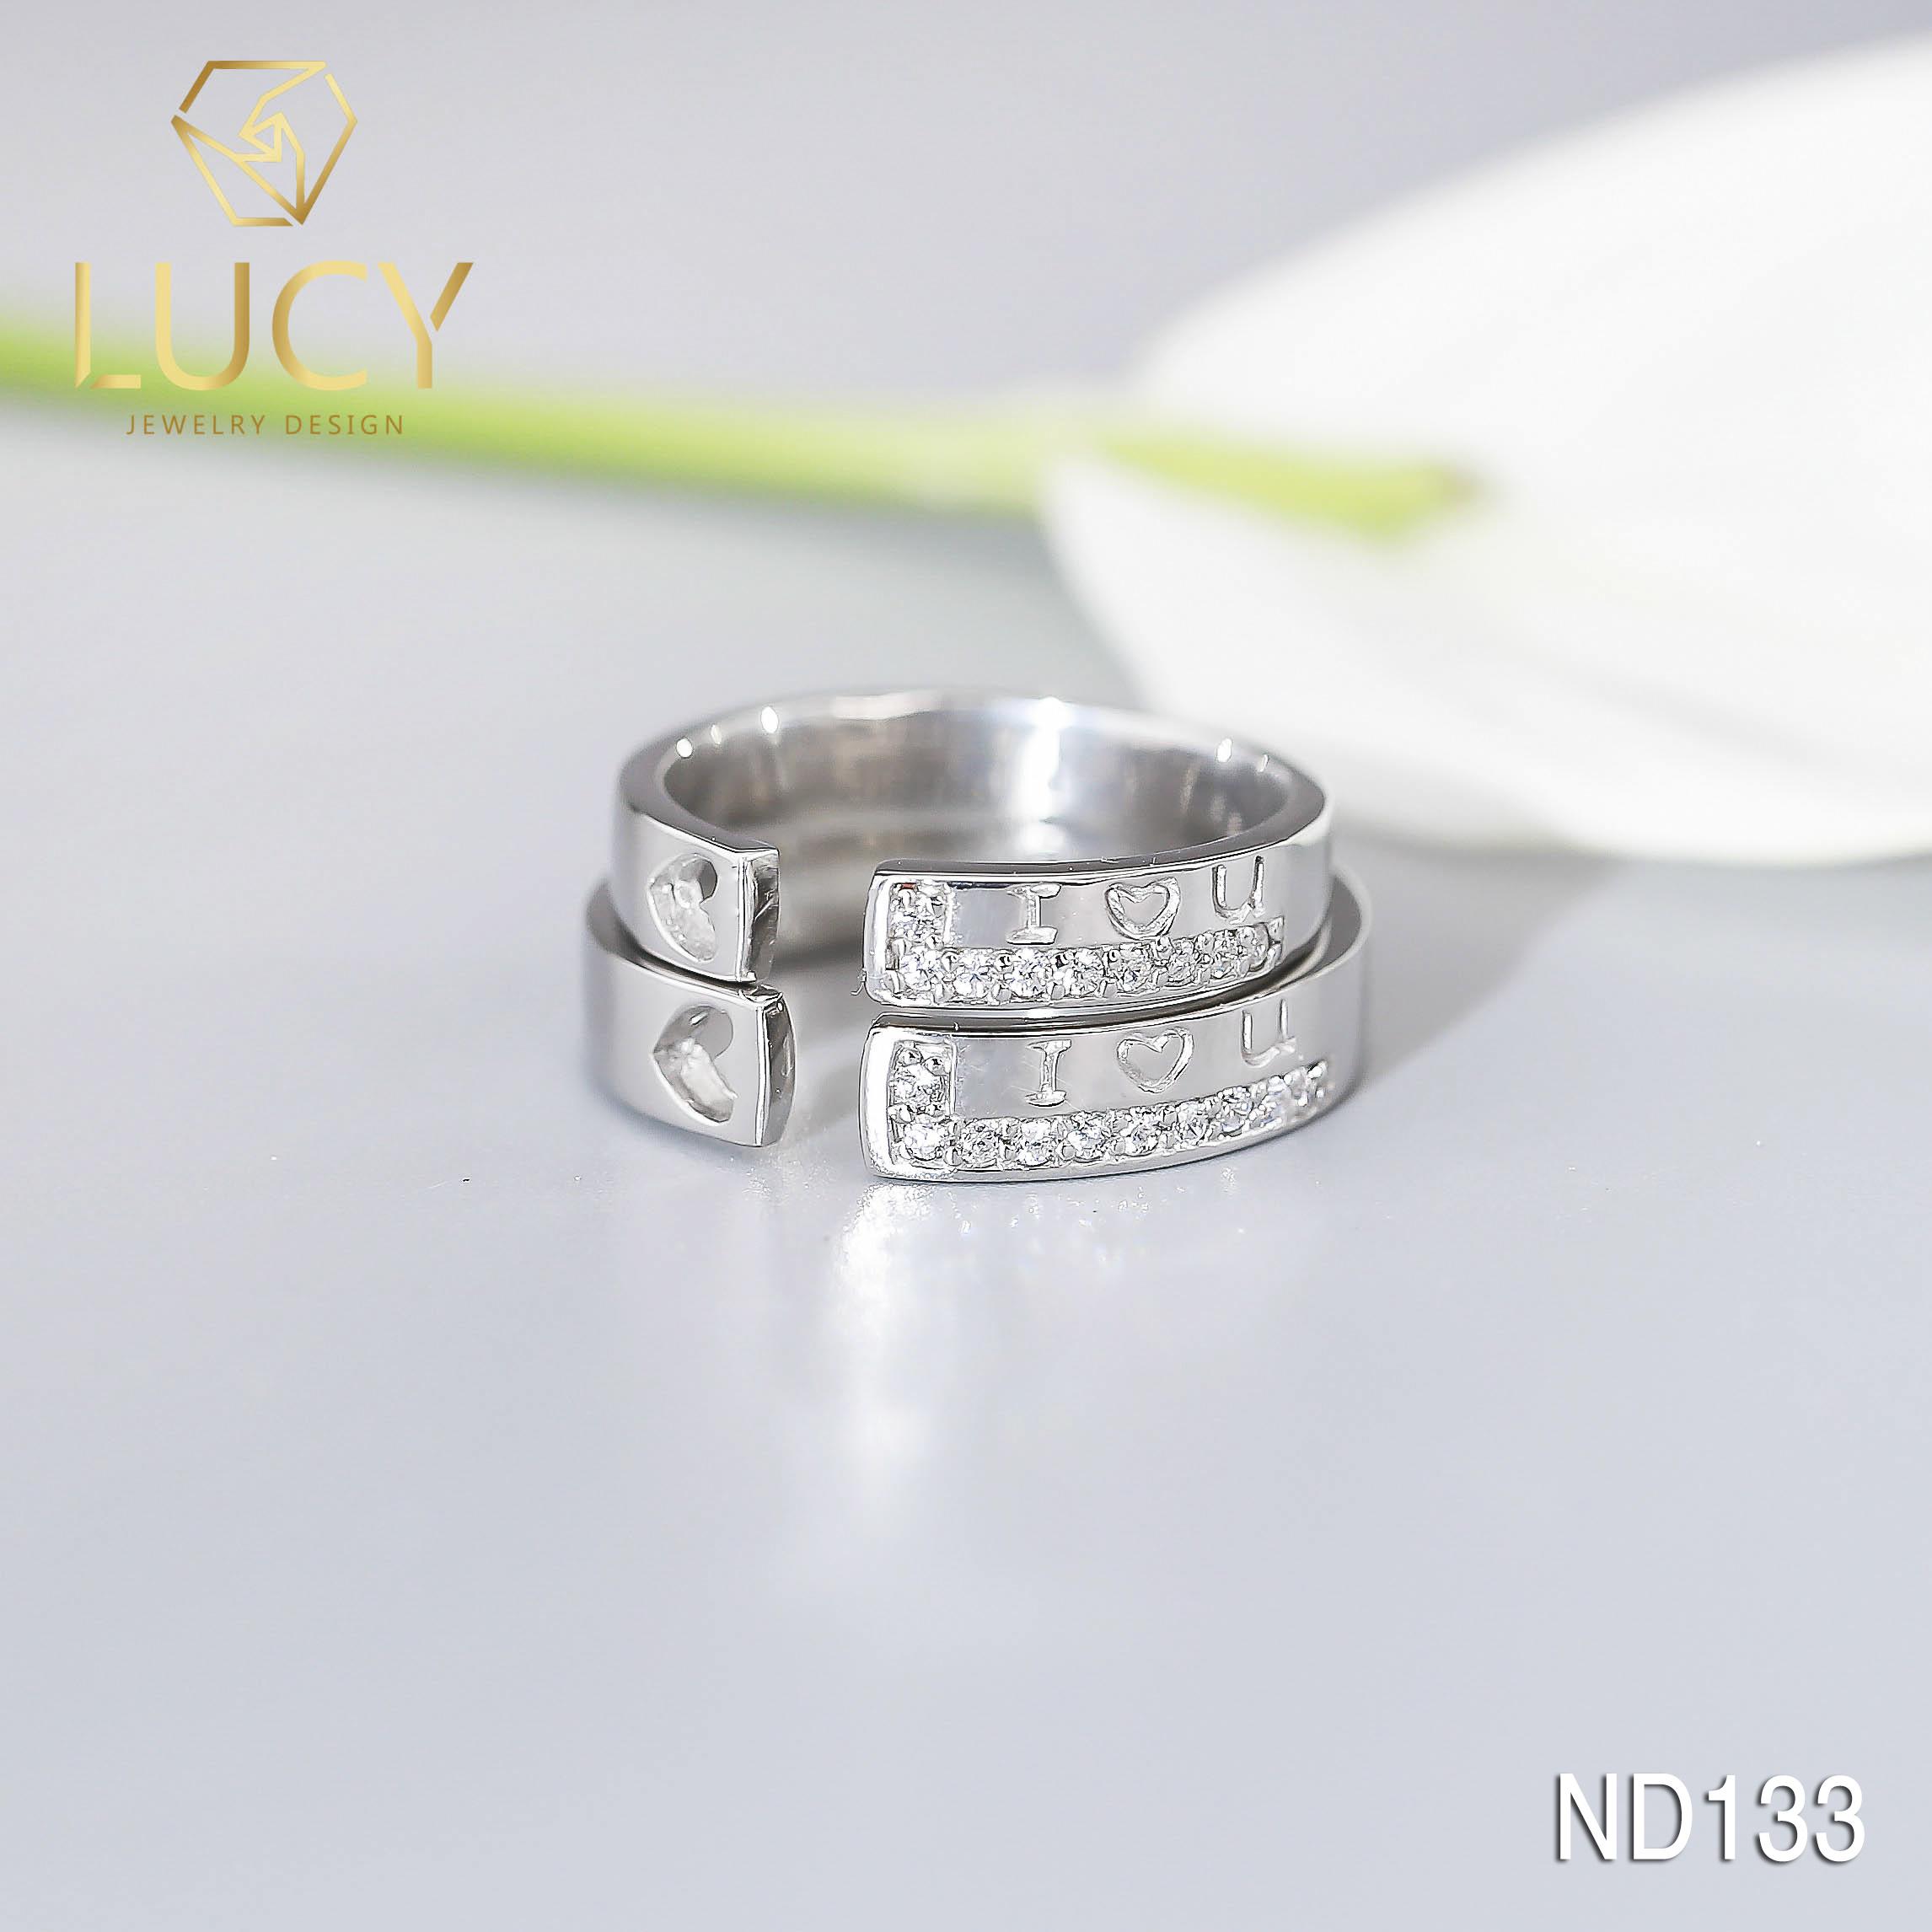 Nhẫn đôi nhẫn cặp bạc Lucy - ND133